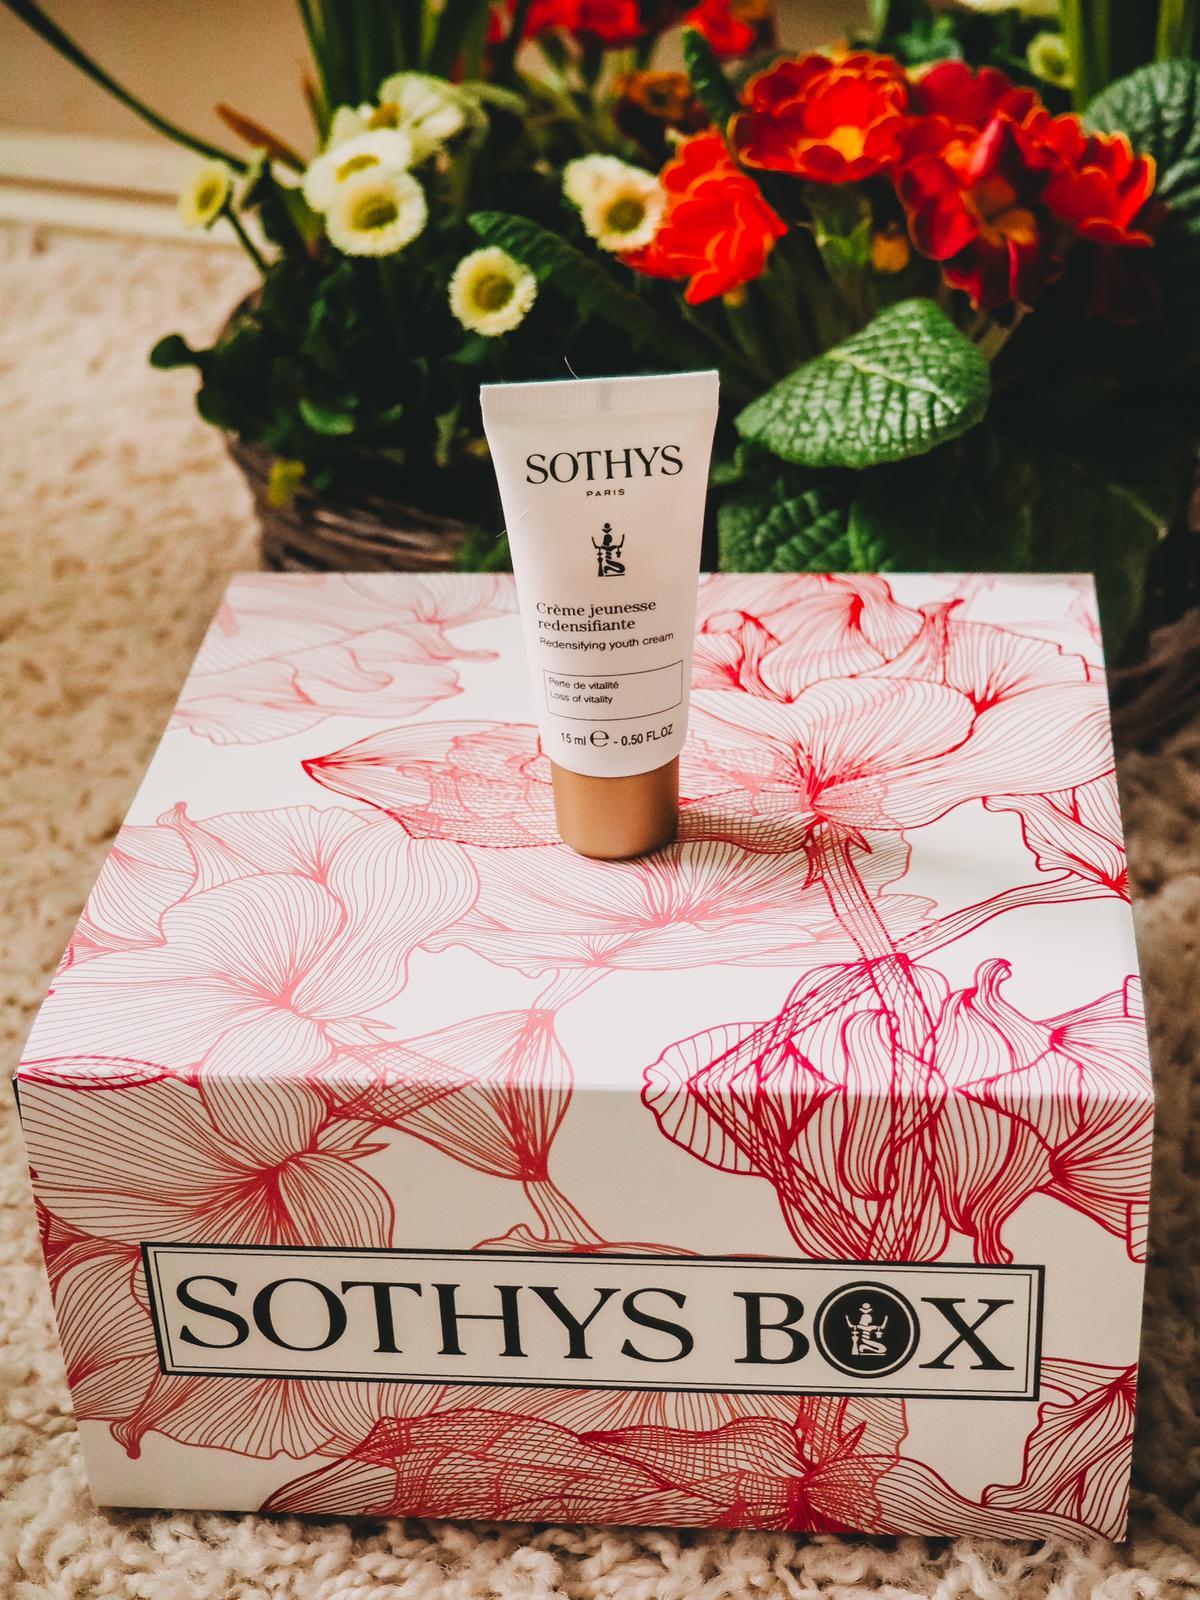 Crème jeunesse Hautdichte aus der Sothys Box Frühjahr 2020